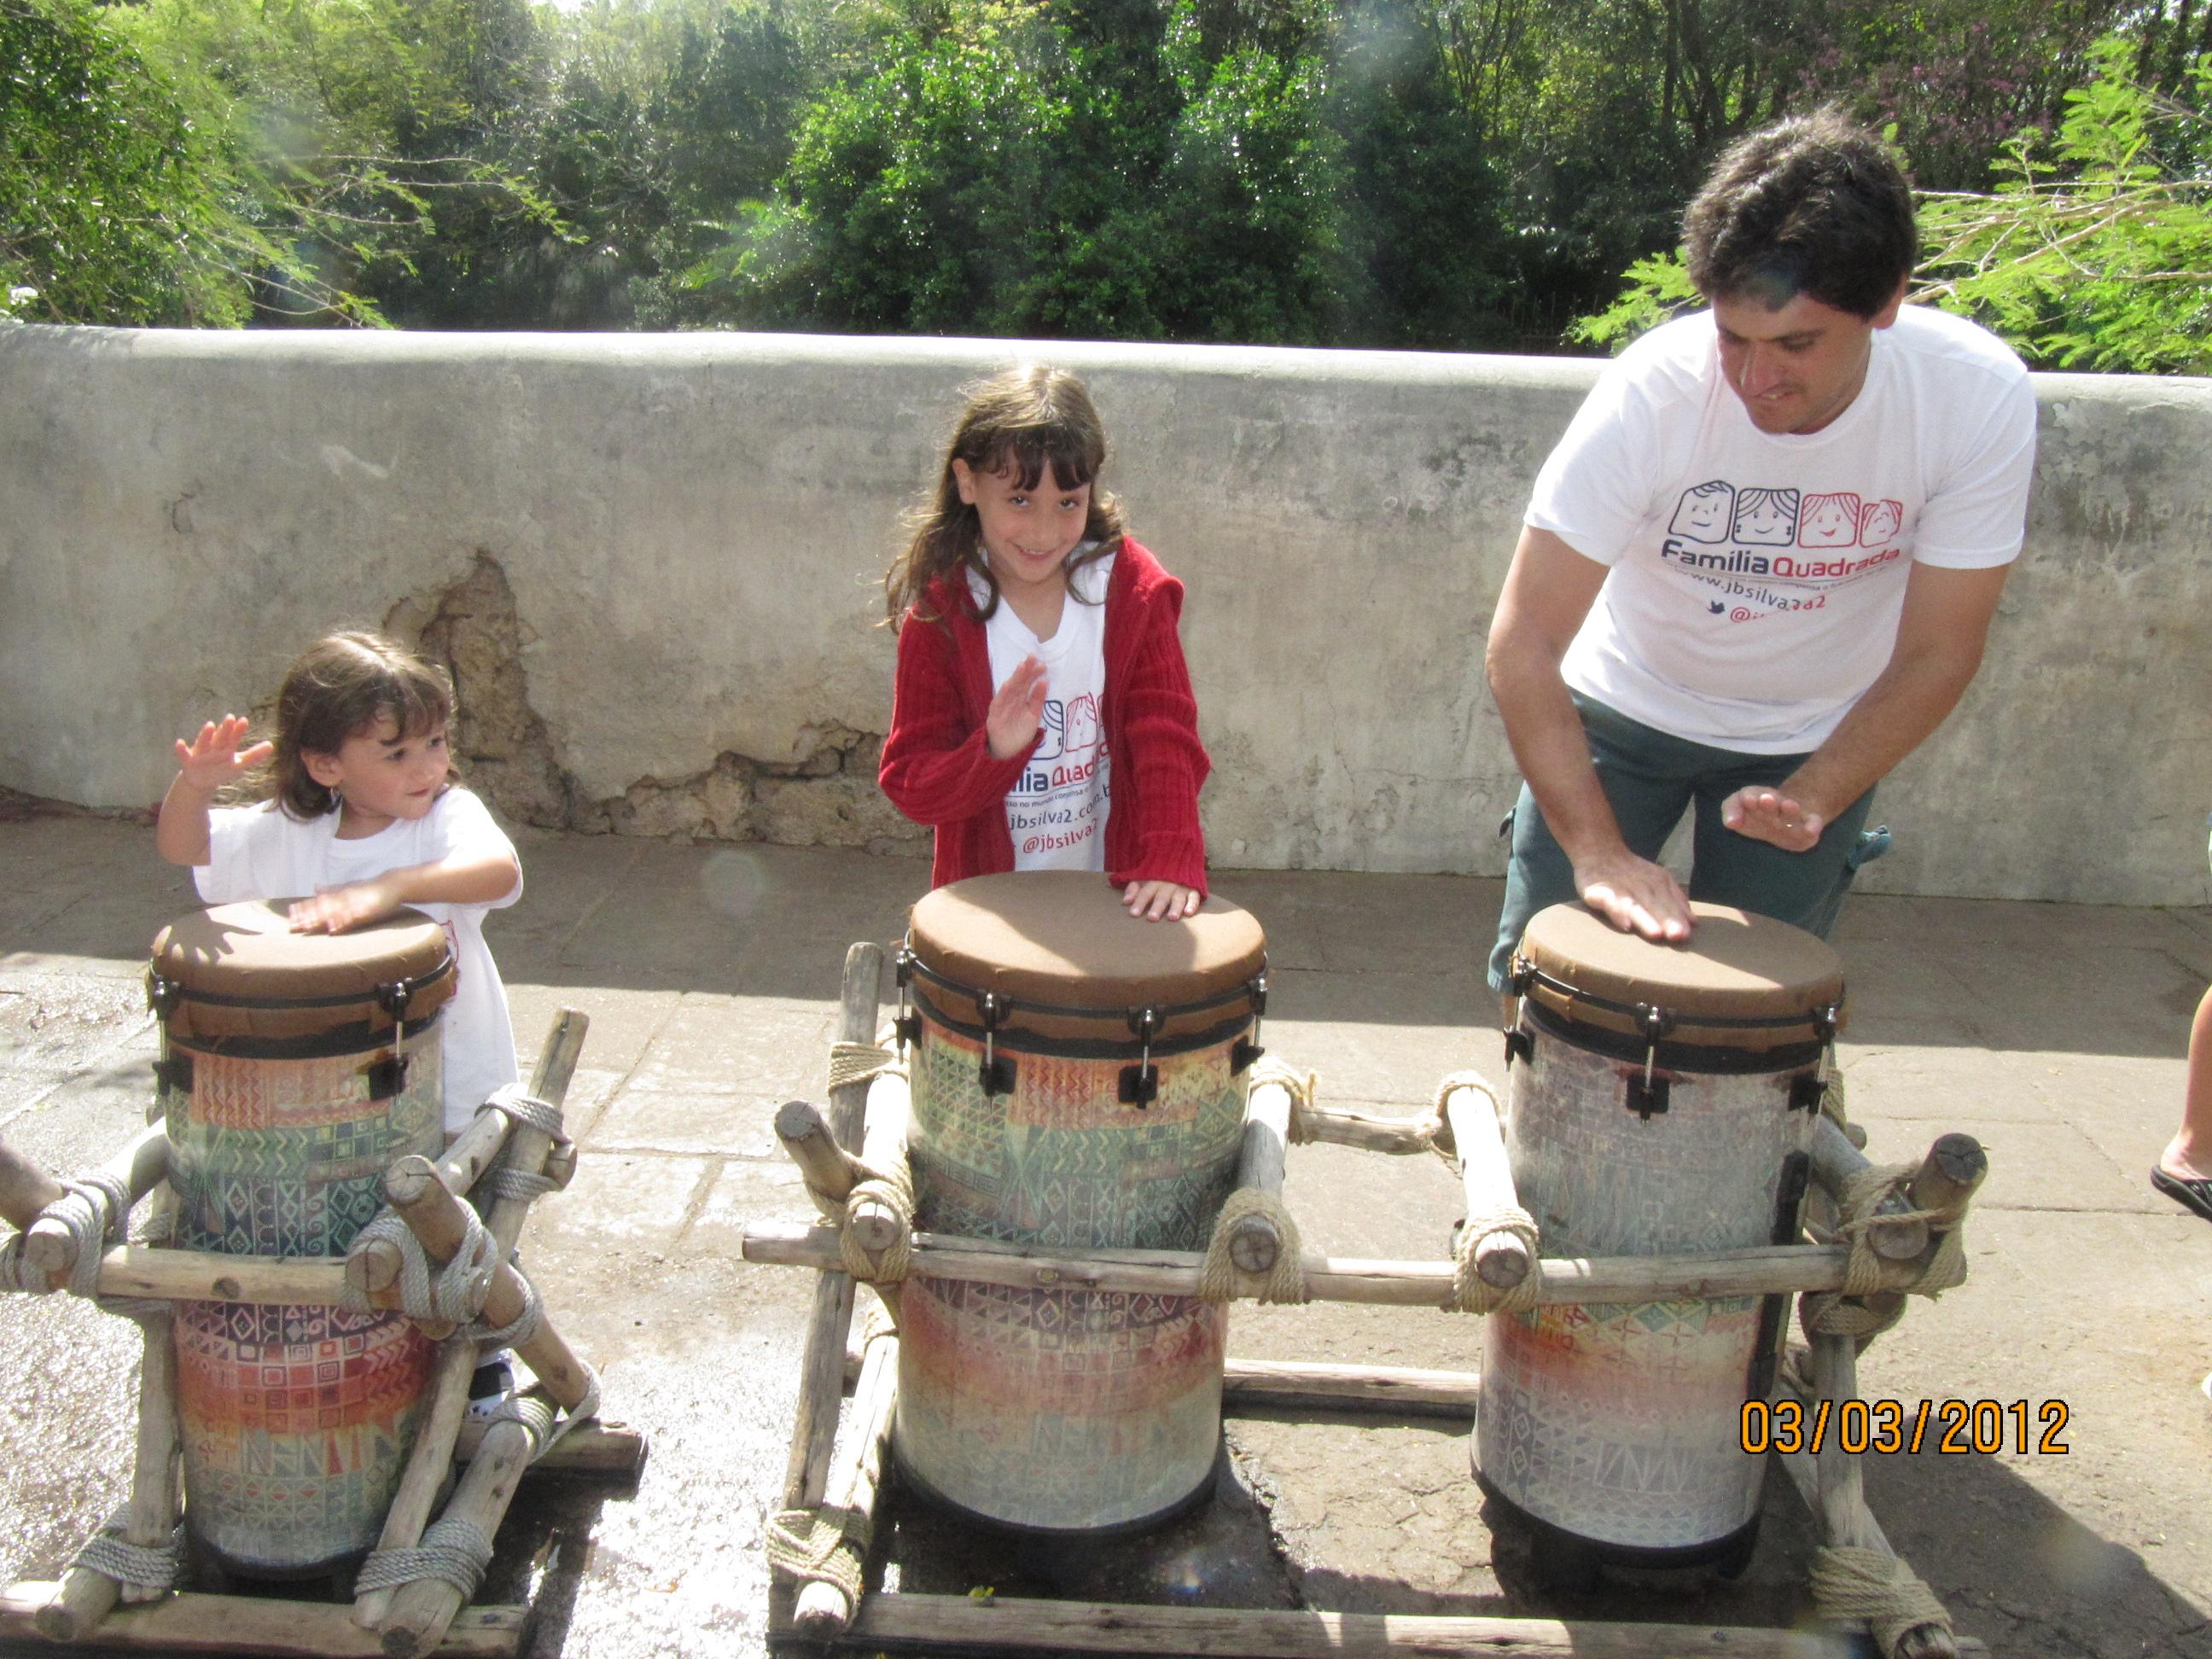 Tocando tambor com o papai e a irmã